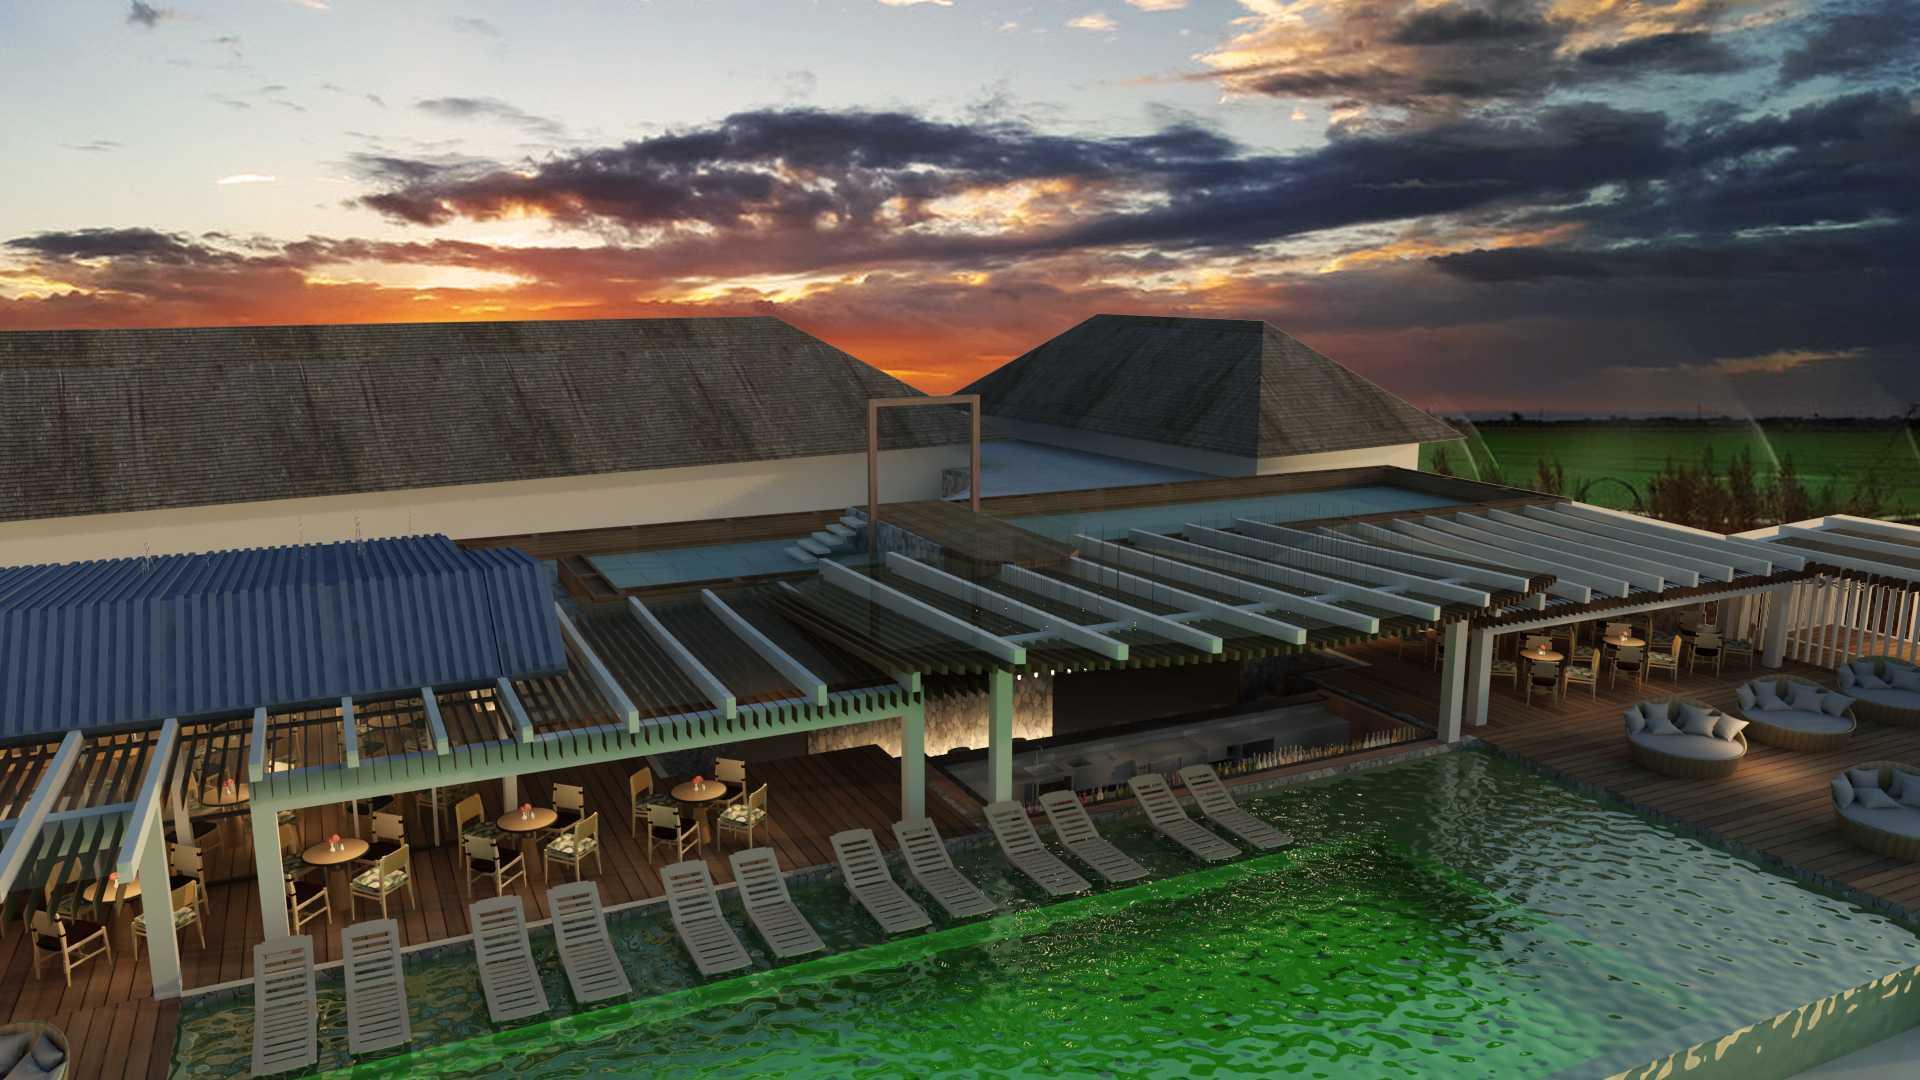 Vin•da•te Hotel Canggu Beach Bali - Indonesia Bali - Indonesia Roof-Top Kontemporer  17587